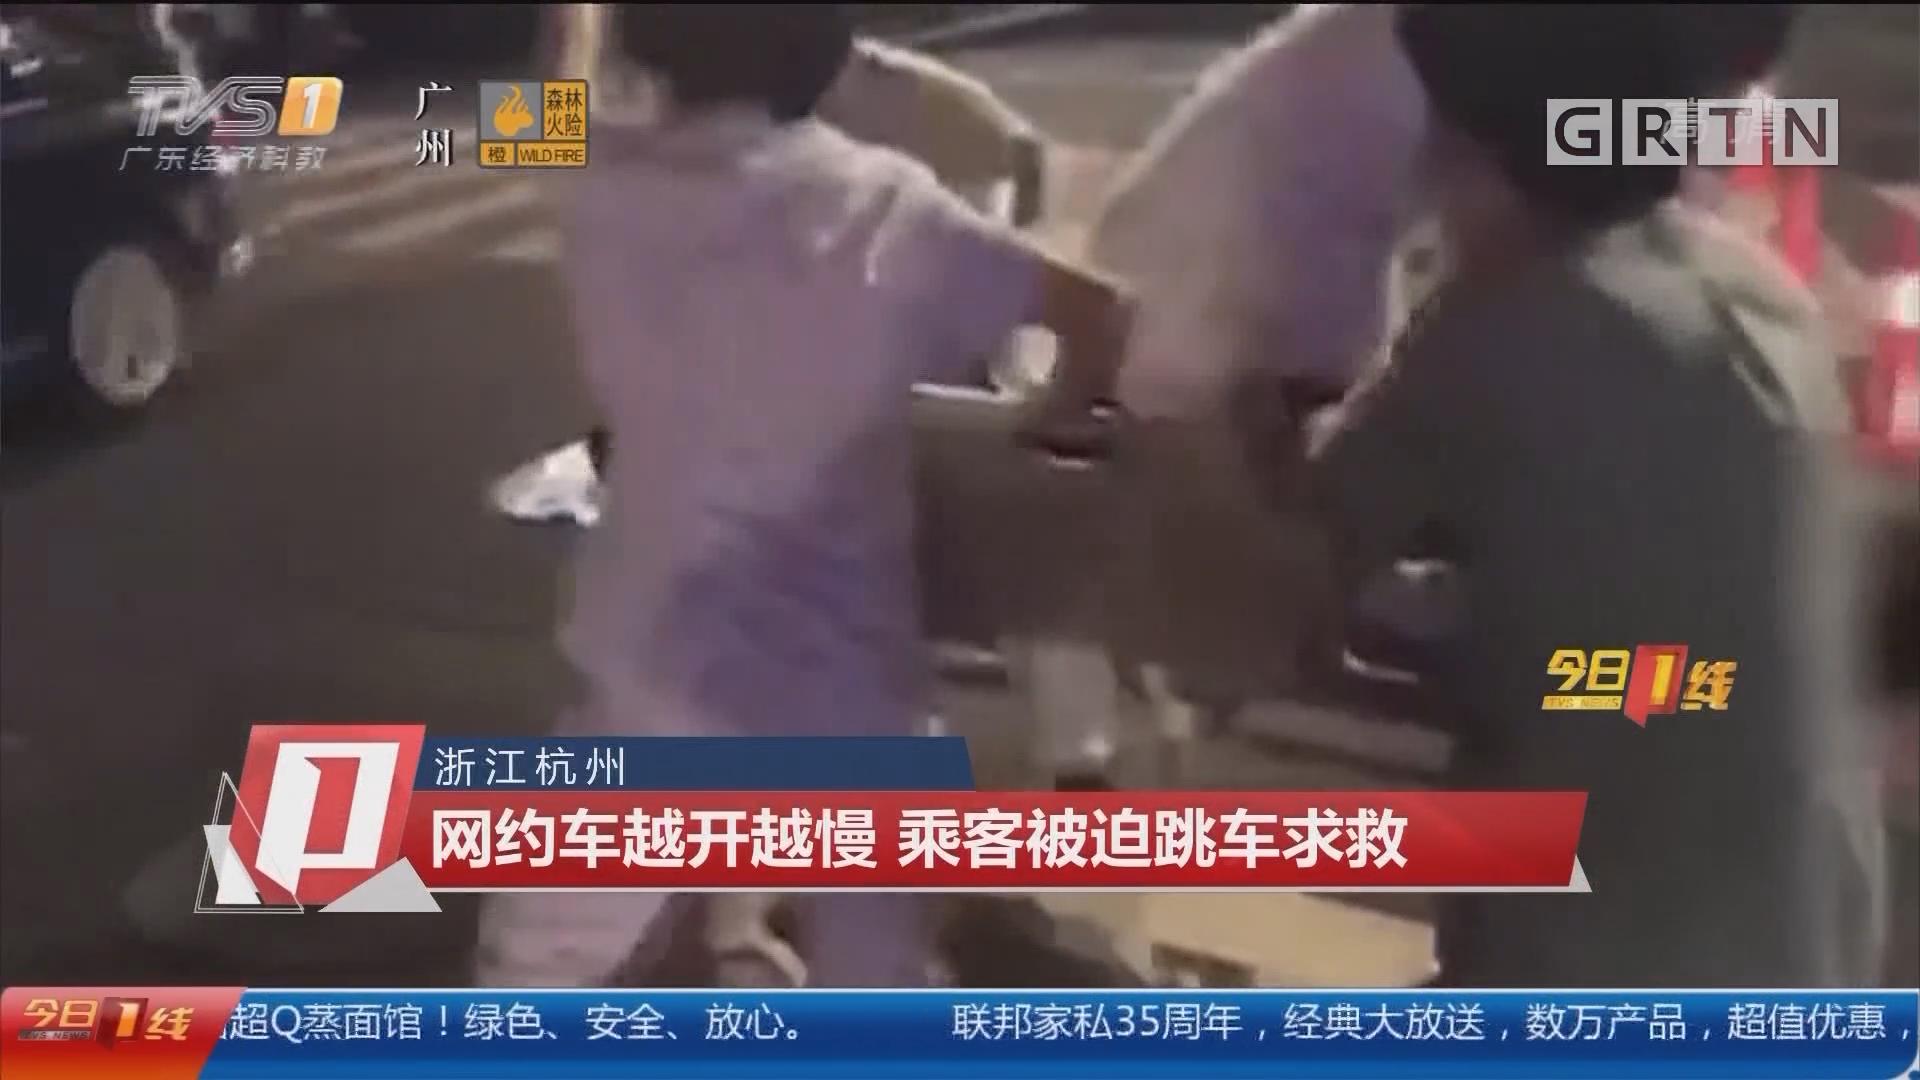 浙江杭州 网约车越开越慢 乘客被迫跳车求救